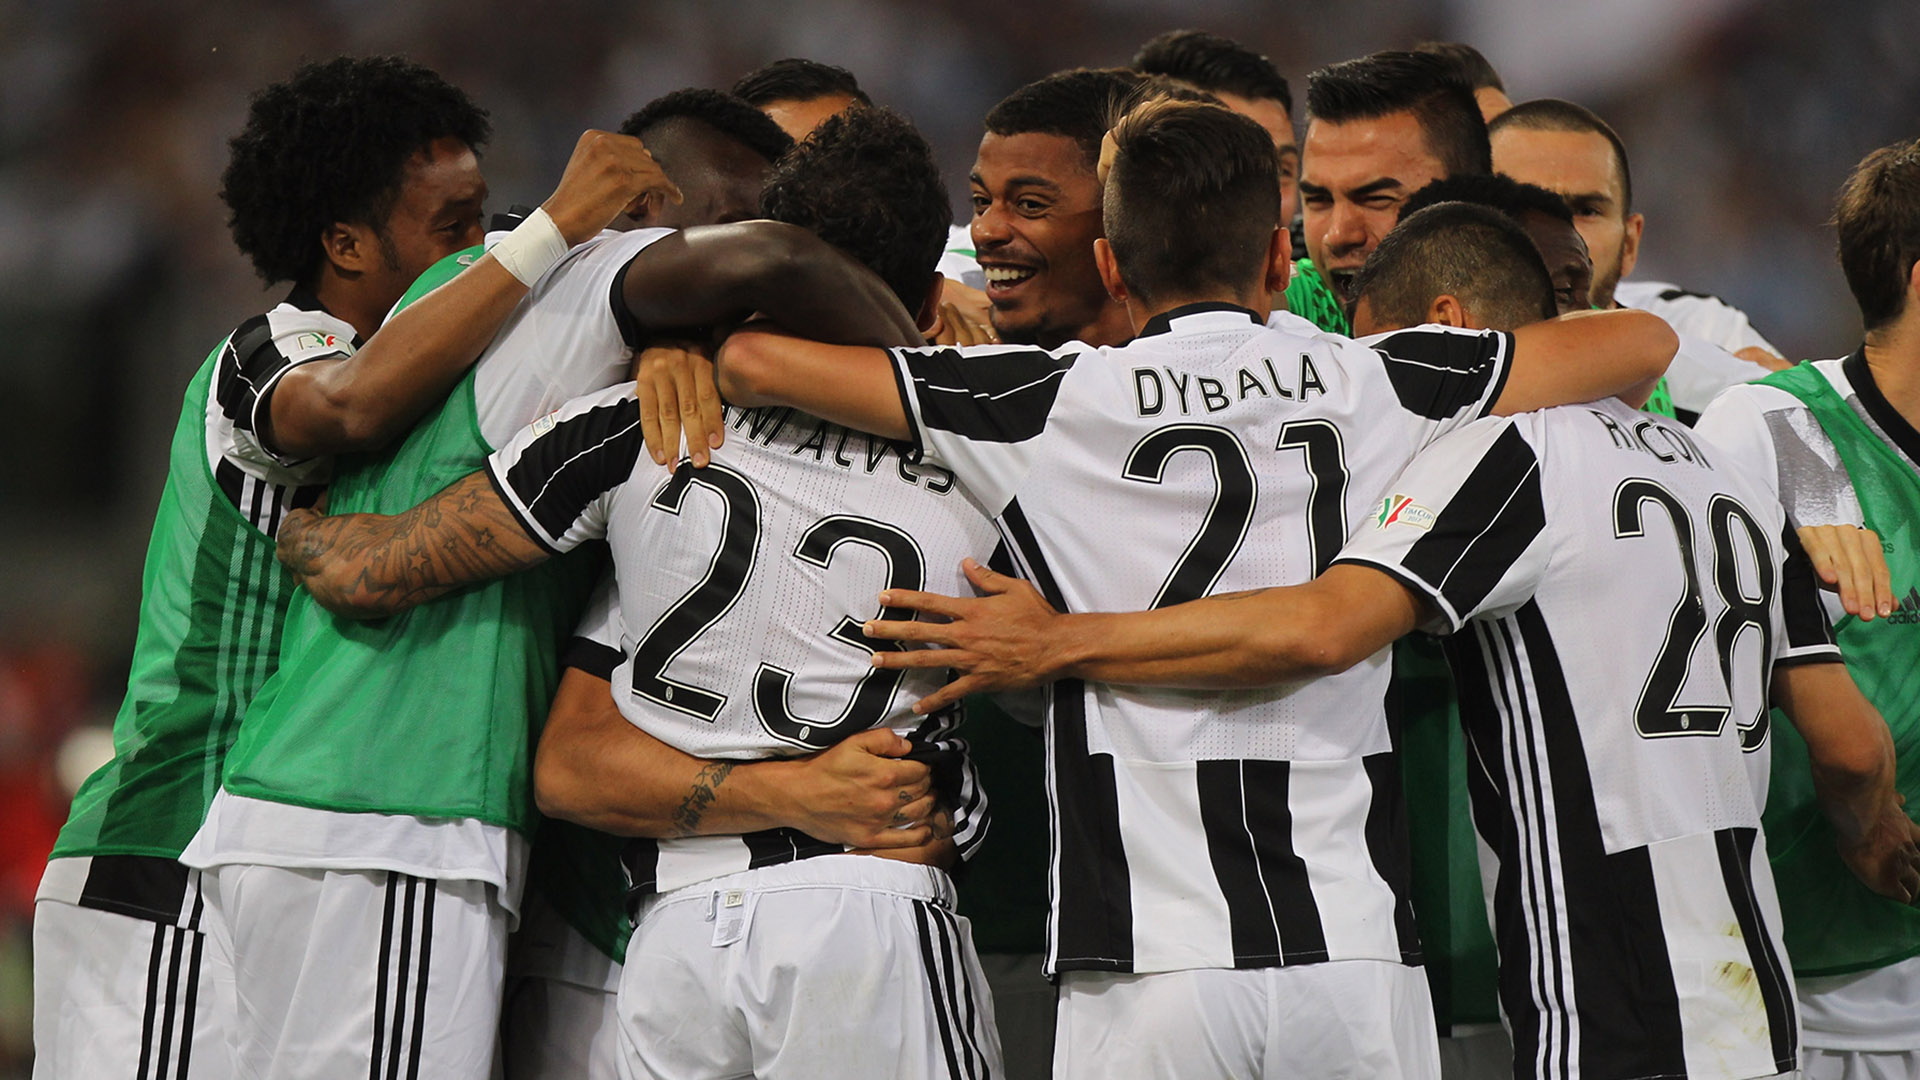 Probabili formazioni e diretta Tv Juventus-Lazio, finale di Coppa Italia